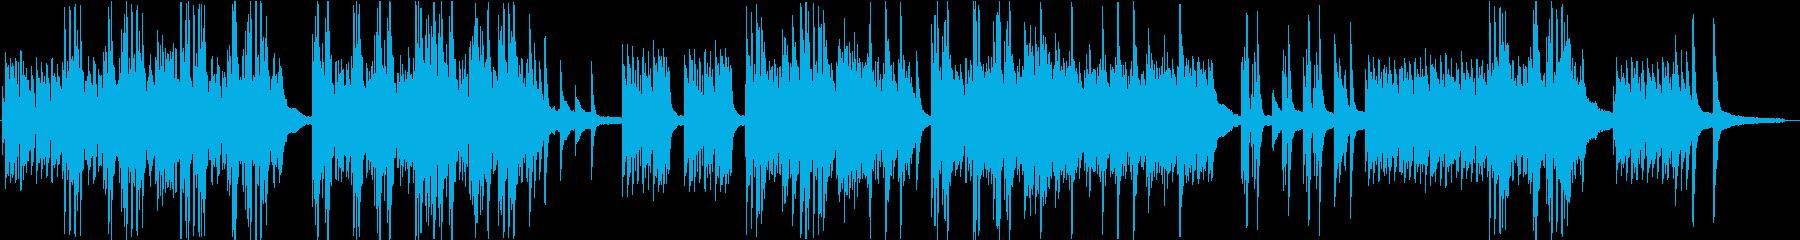 暮らしの音楽の再生済みの波形